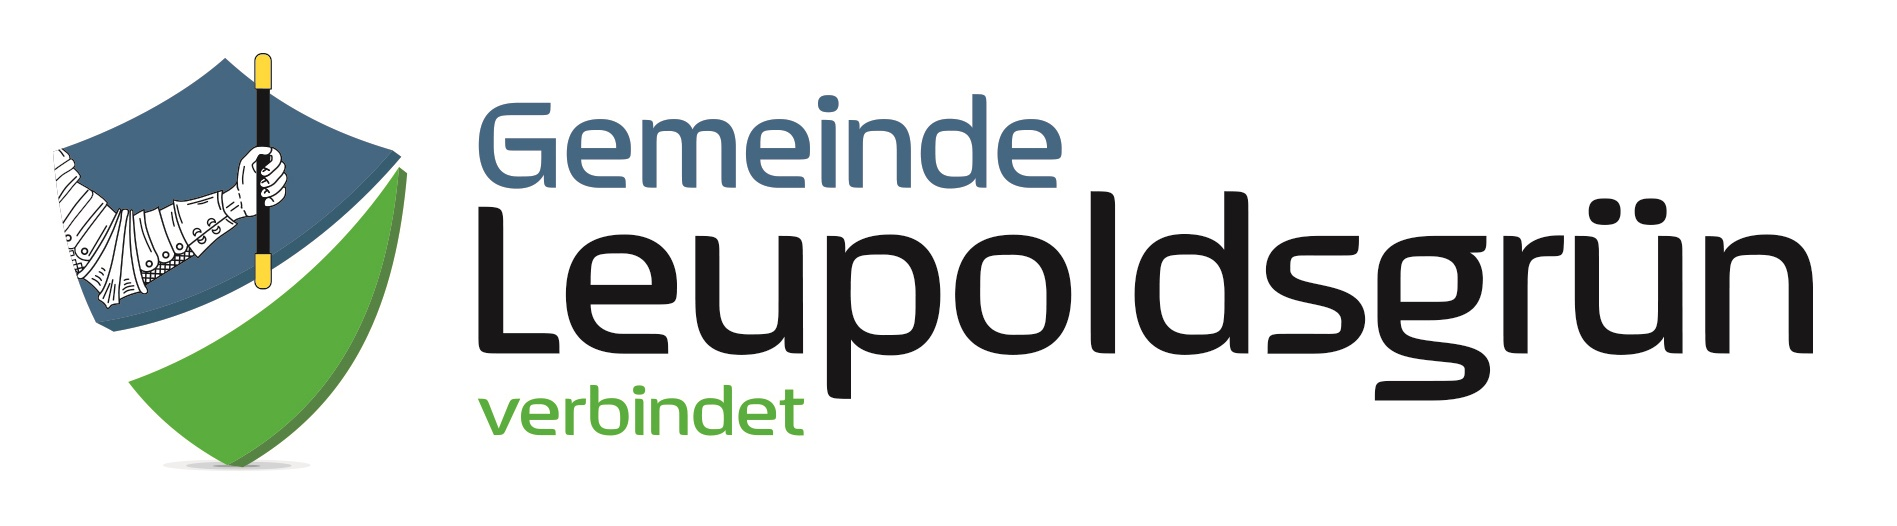 Gemeinde Leupoldsgrün - Bürgerversammlung